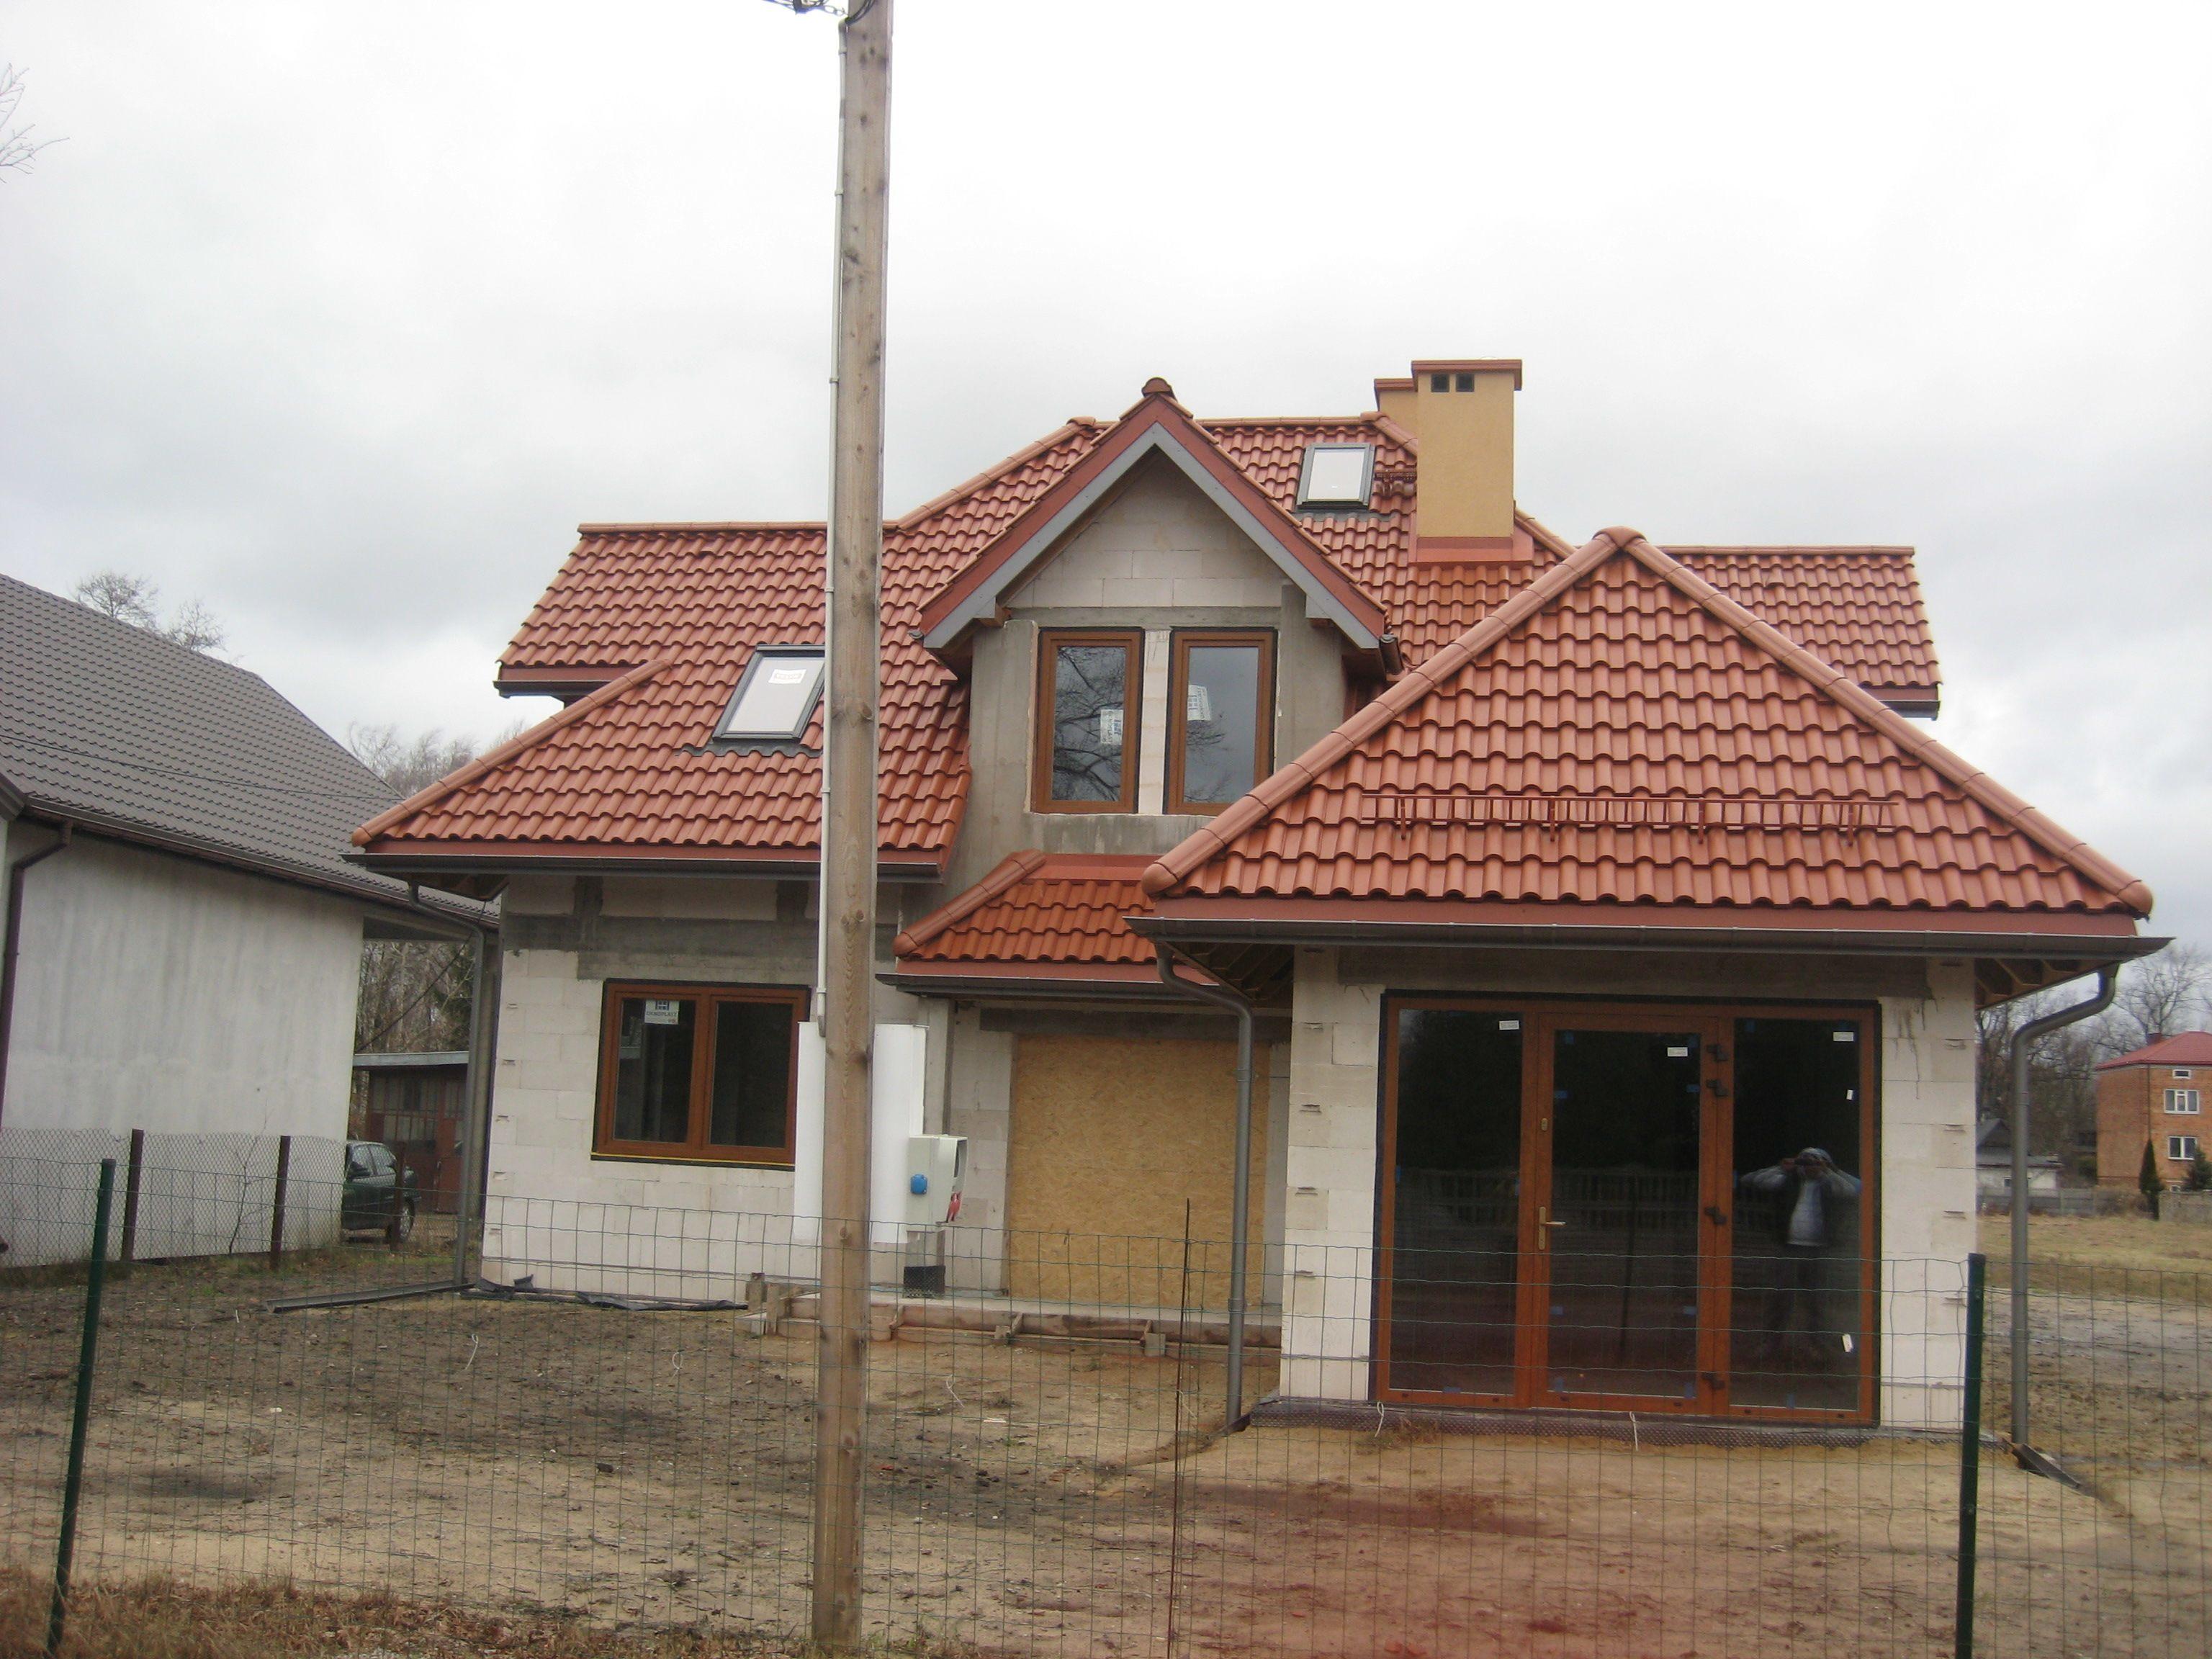 projekt-domu-klasyczny-fot-1-1452174833-fcujgaji.jpg